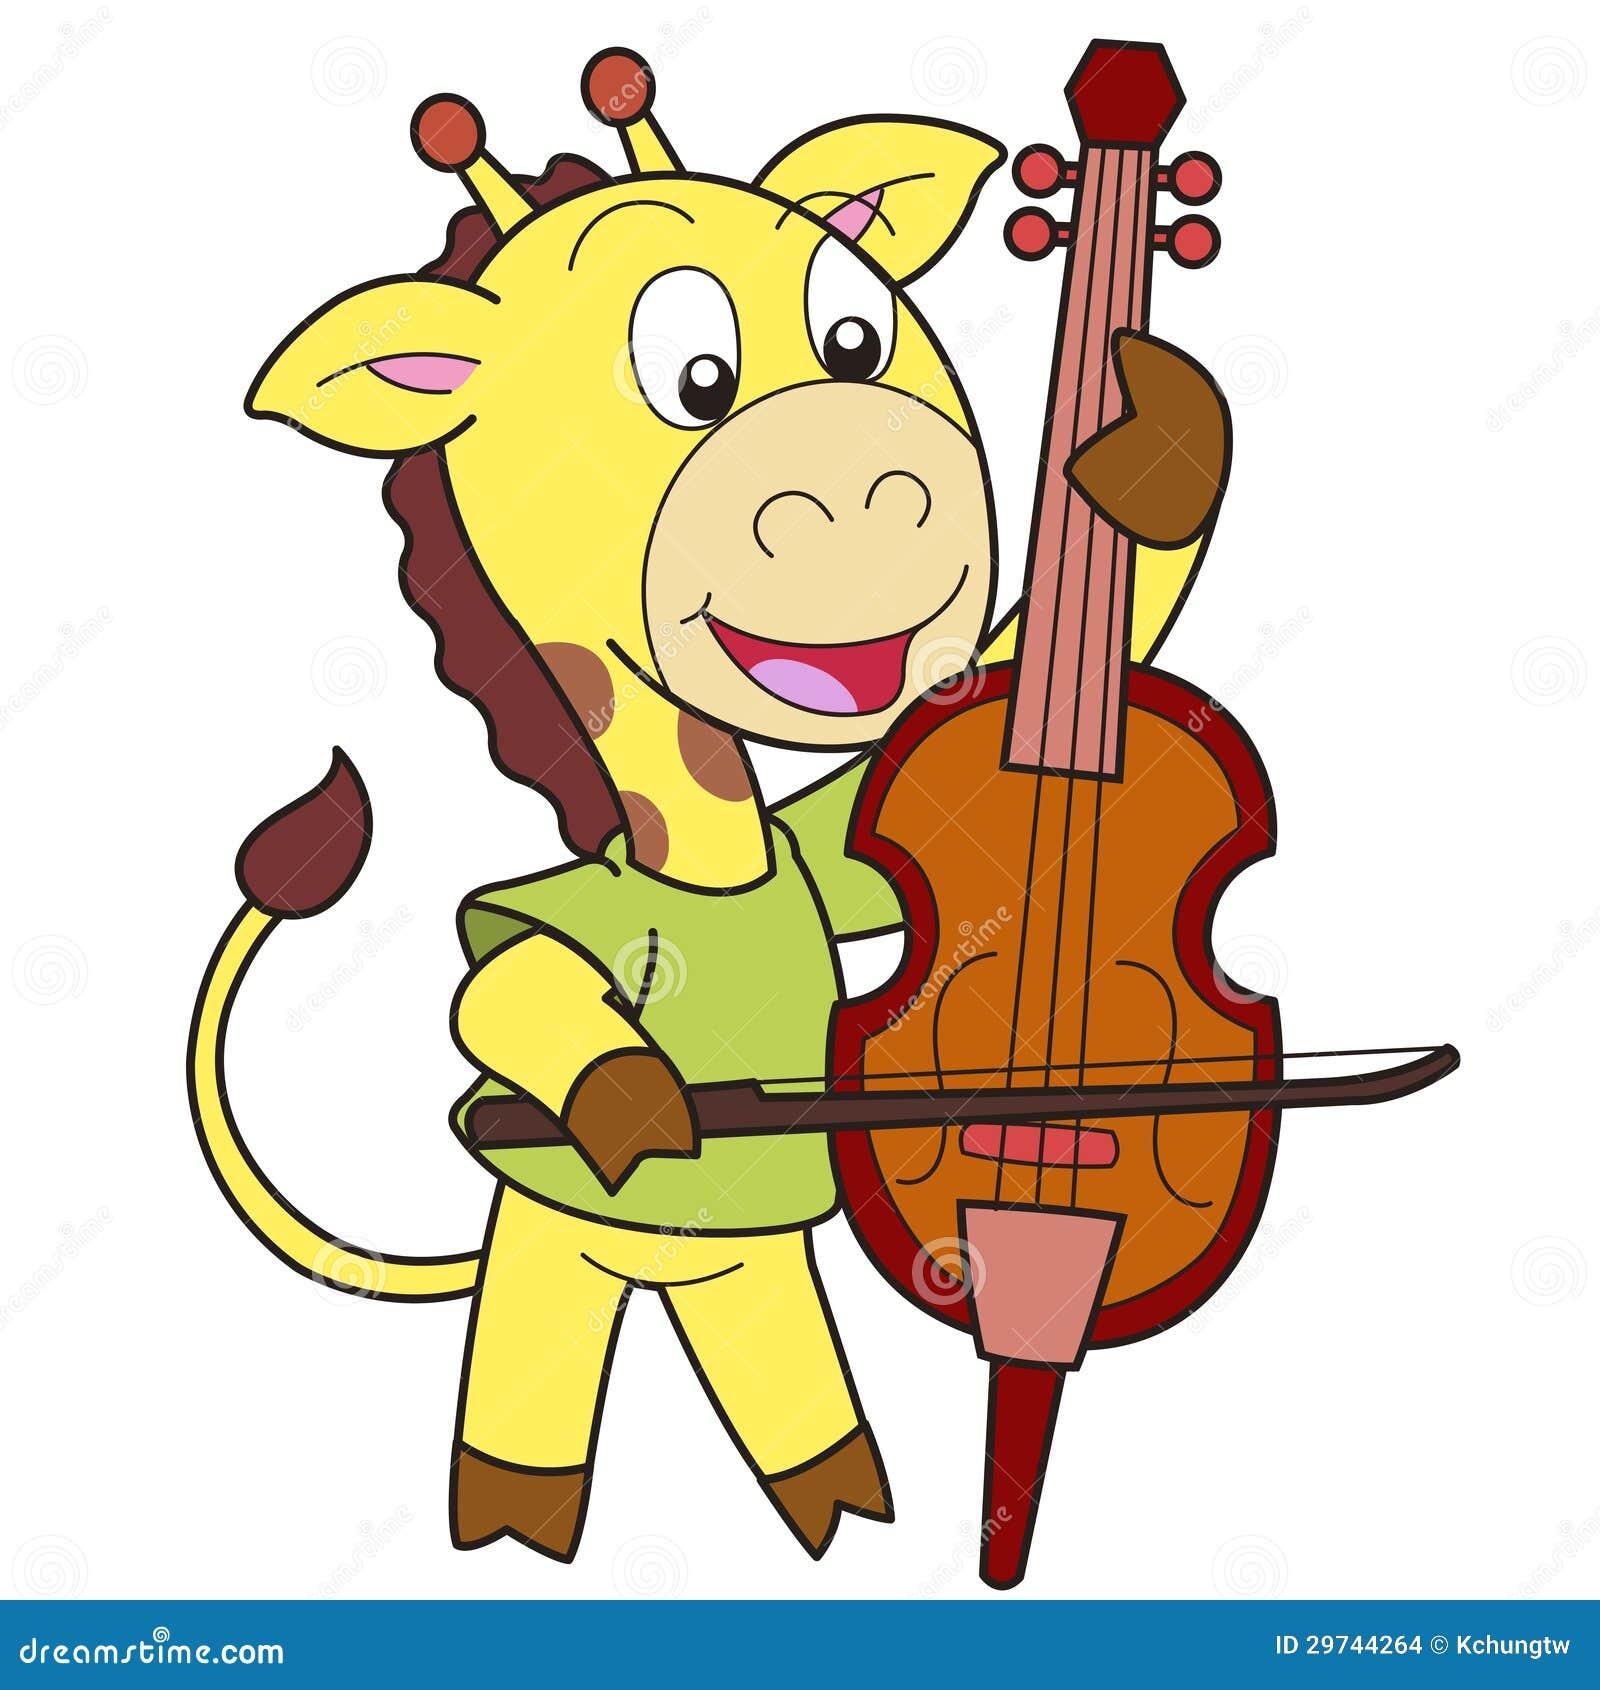 Cello cartoon cello player stock photography image 32561422 - Cartoon Giraffe Playing A Cello Stock Images